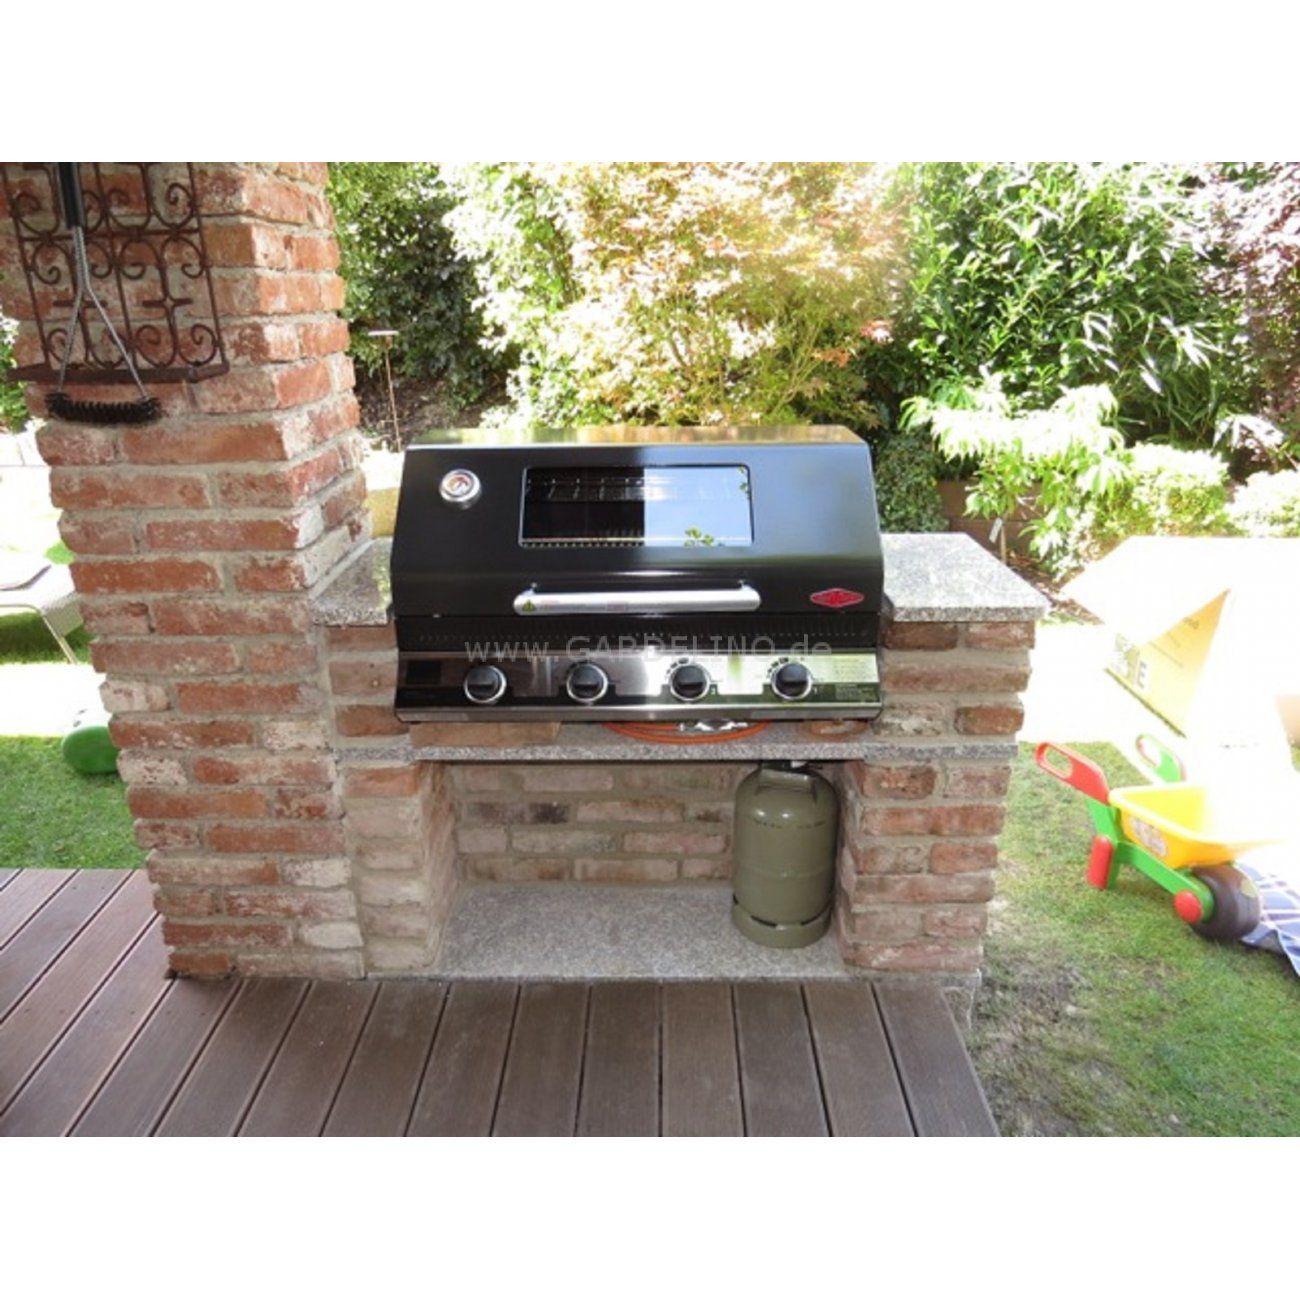 Einfache Grillstation aus Stein mit BeefEater Einbau Grill// simple ...